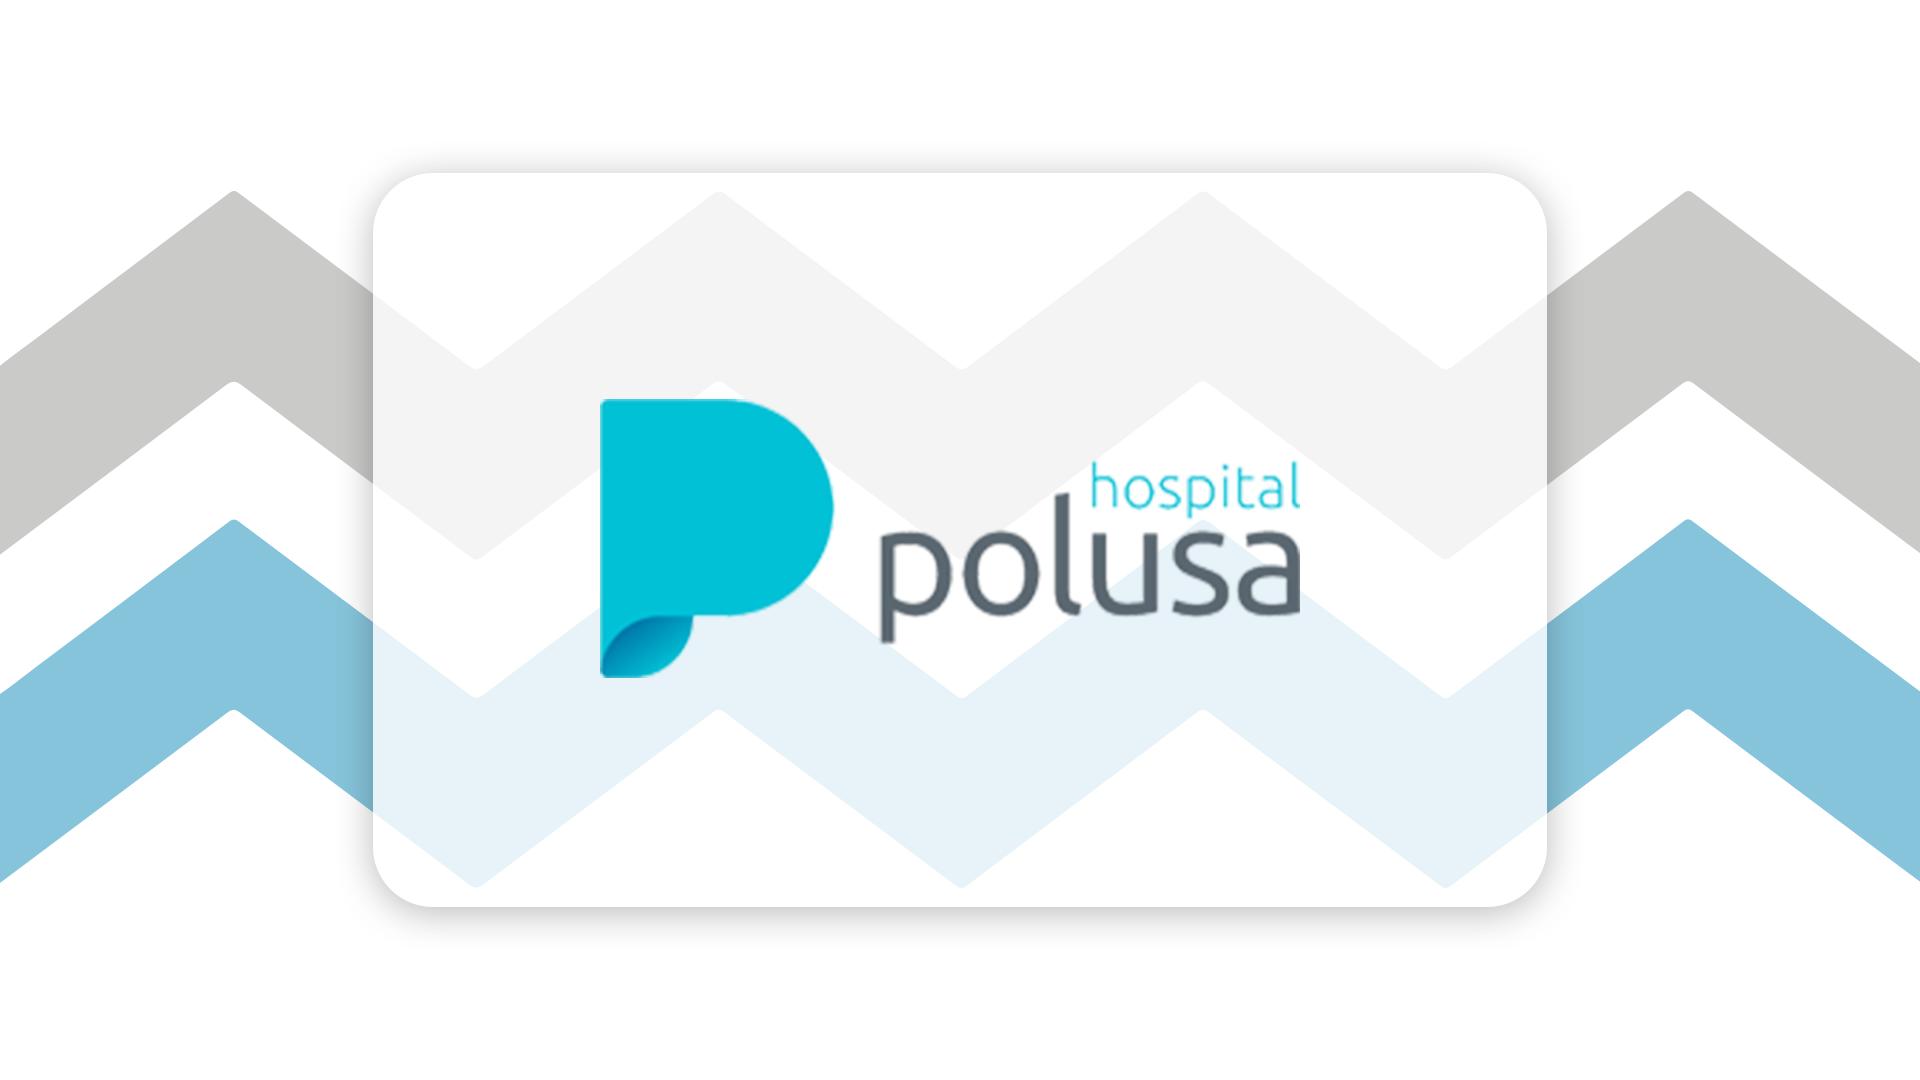 Colaboración asistencial Polusa